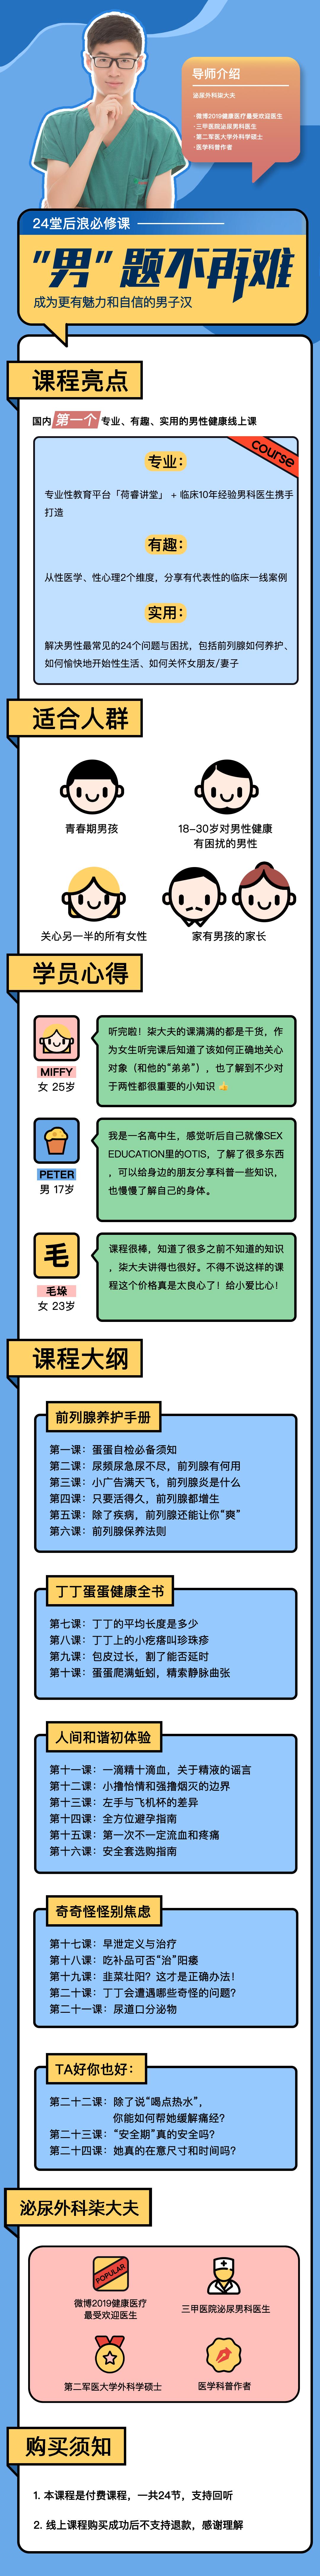 柒大夫详情页-小鹅通分销市场.png